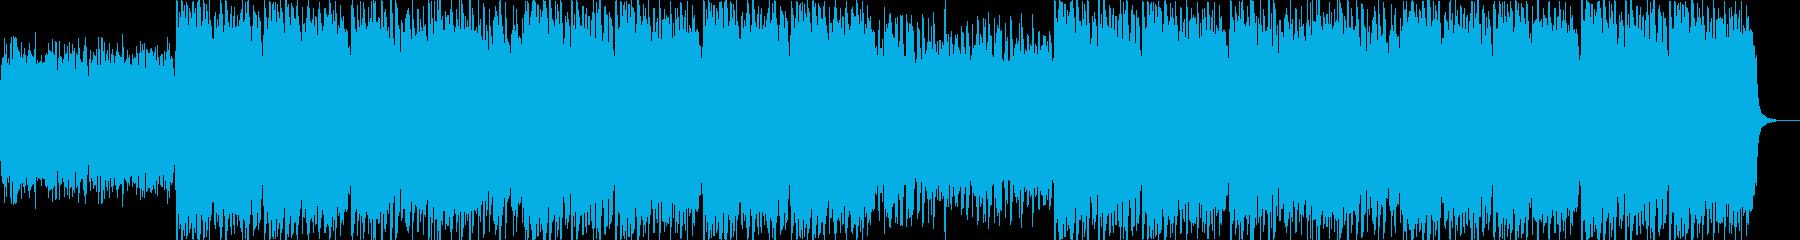 Irish Bagpipeの再生済みの波形